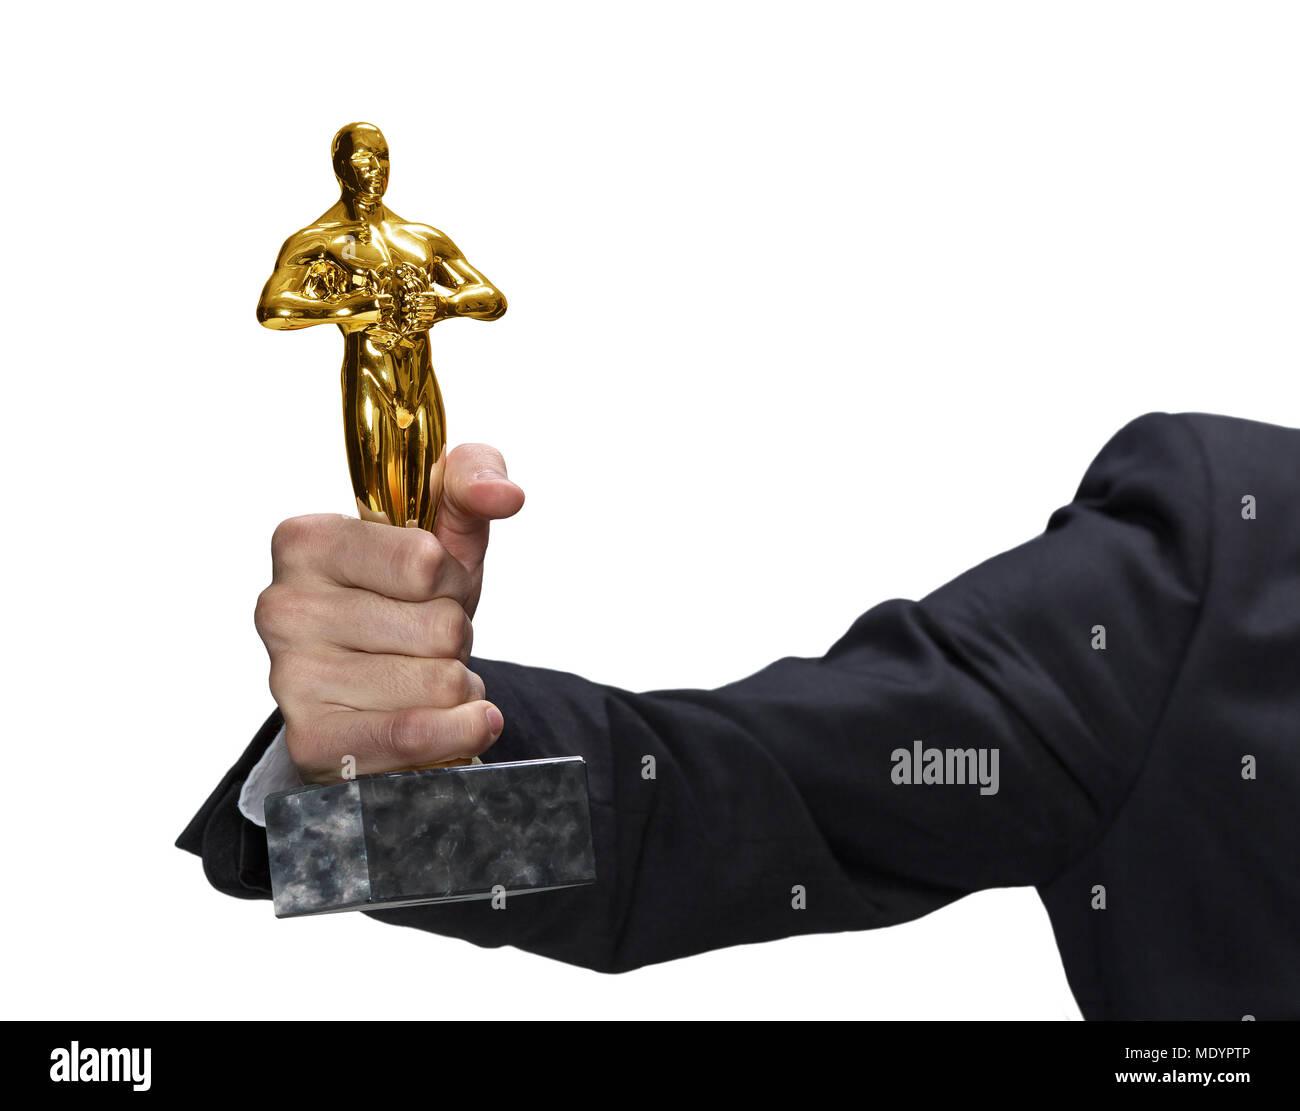 Nahaufnahme der Hand in schwarzen Anzug mit echten Oscar Statue, auf weißem Hintergrund, groß Foto Stockbild